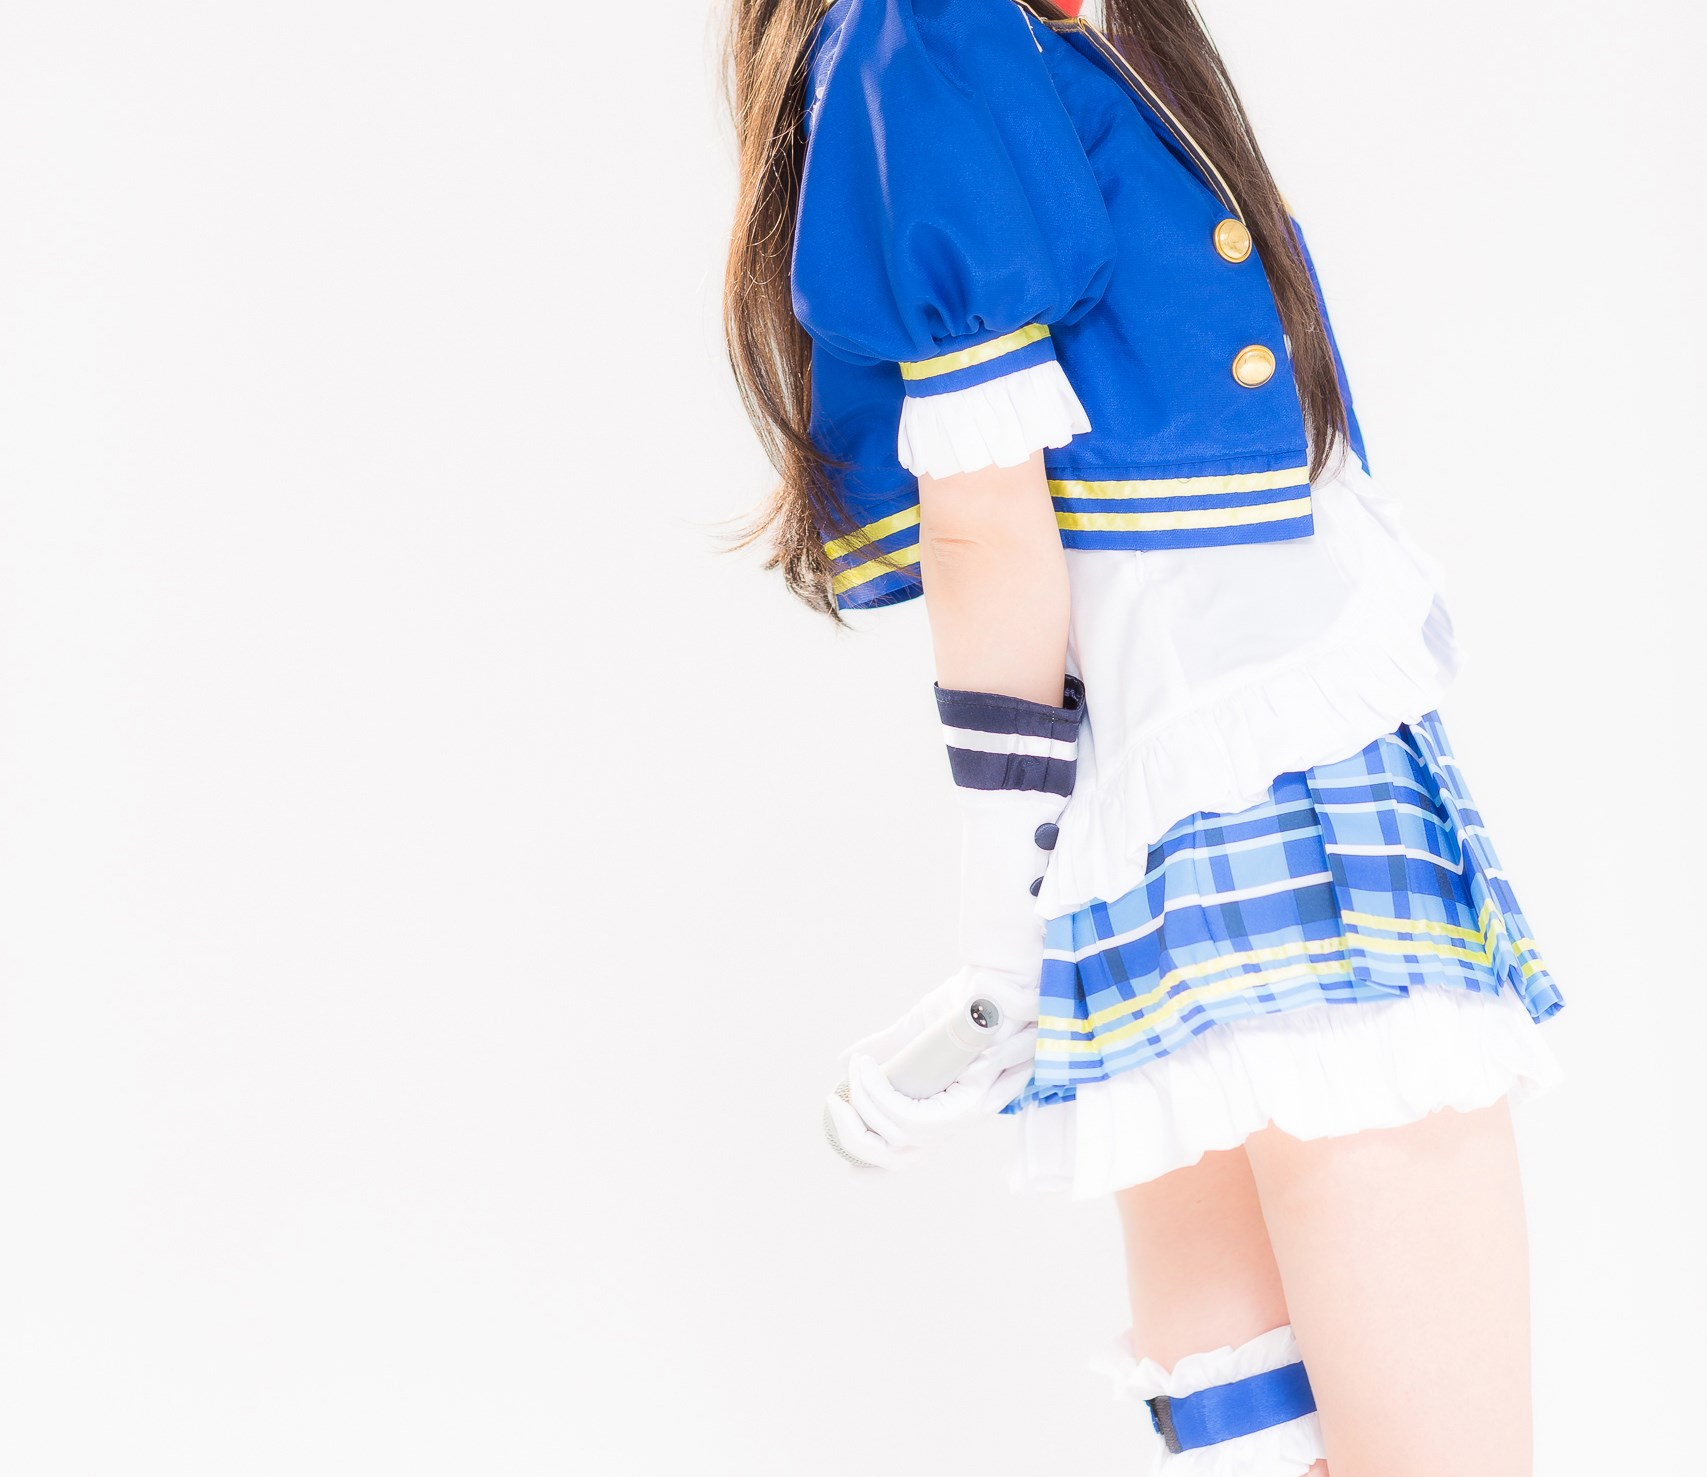 【兔玩映画】少女制服爱豆 兔玩映画 第38张